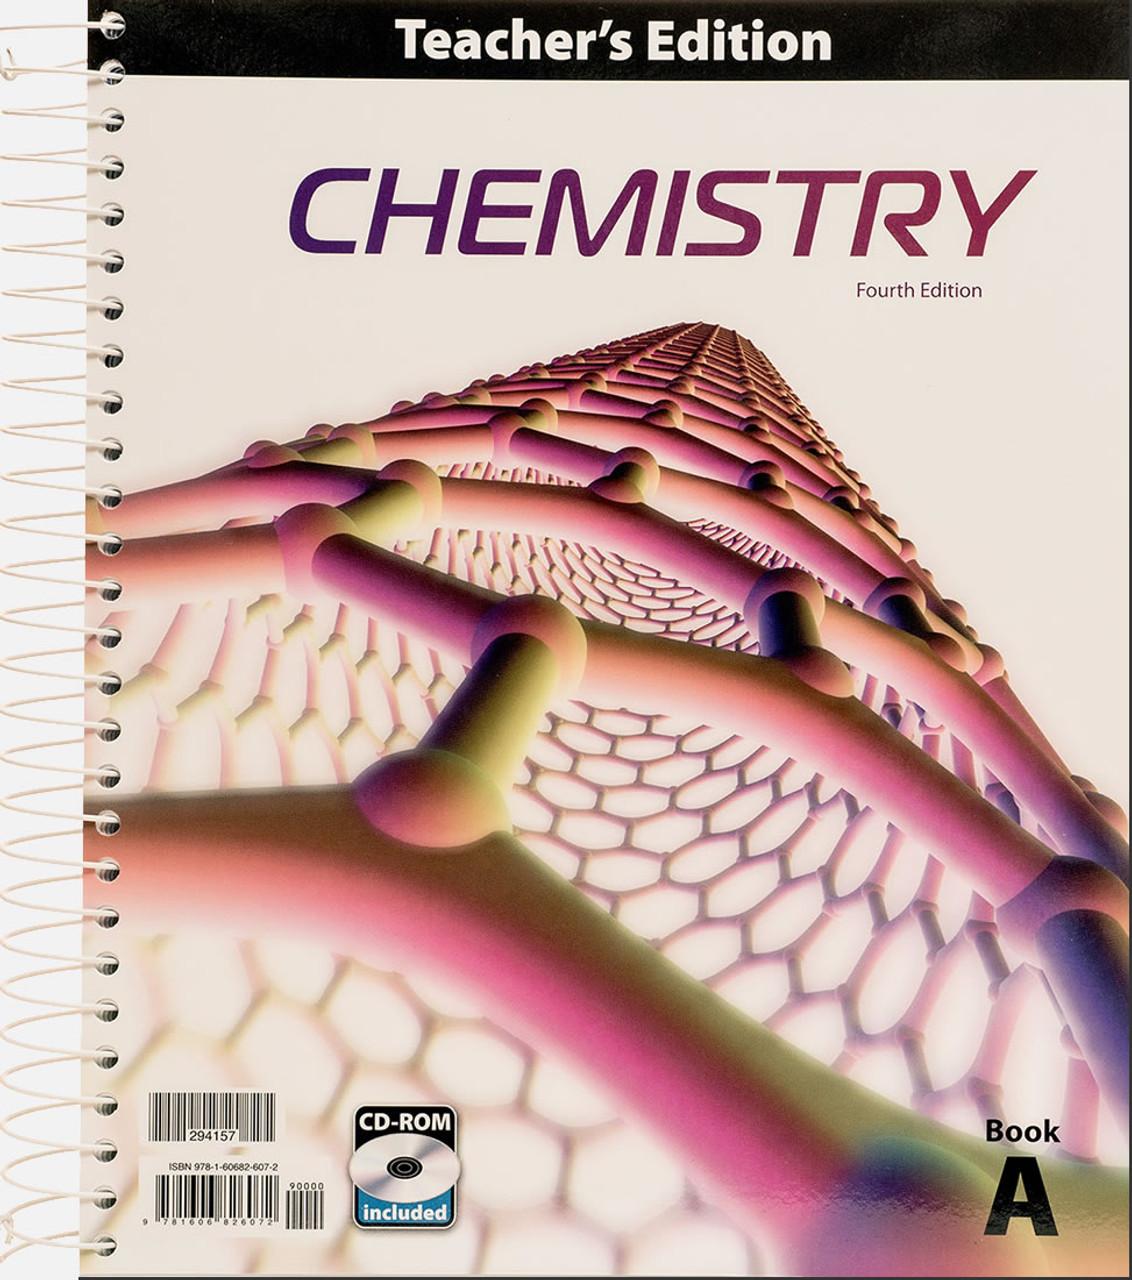 Chemistry, 4th edition - Teacher's Edition (Volume A)